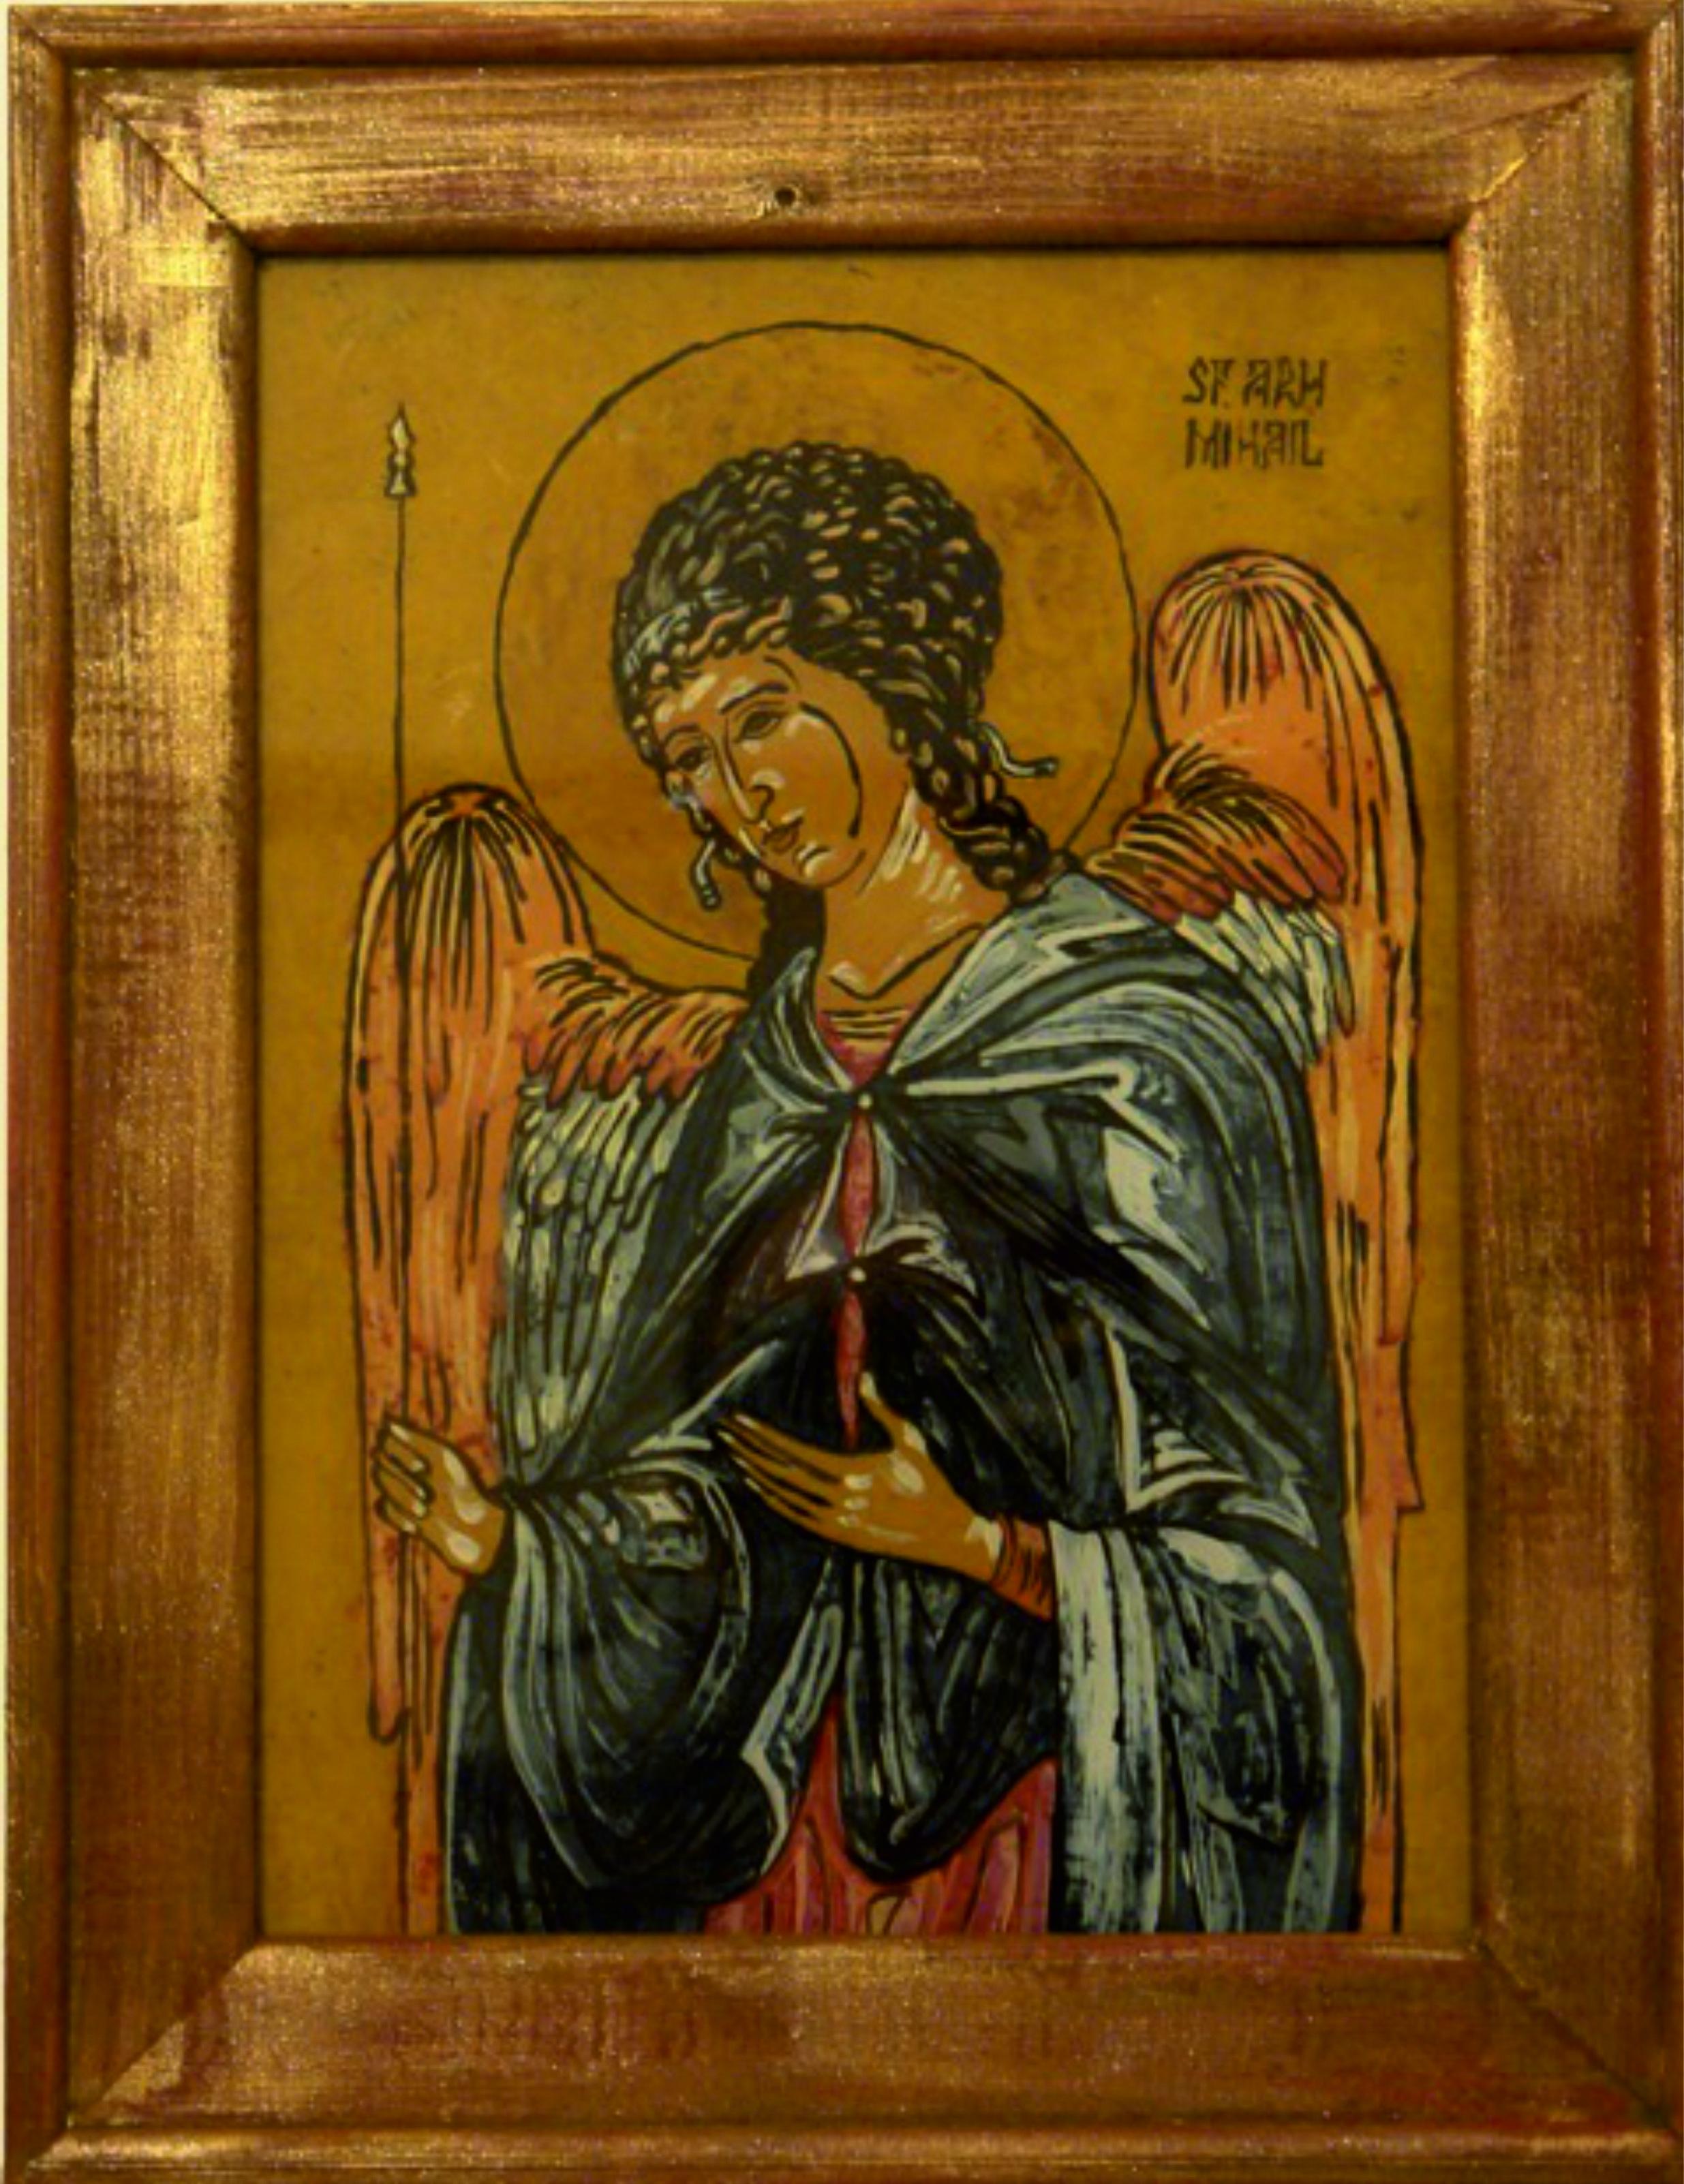 Sf. Mihail - tempera emulsie de ou/sticla